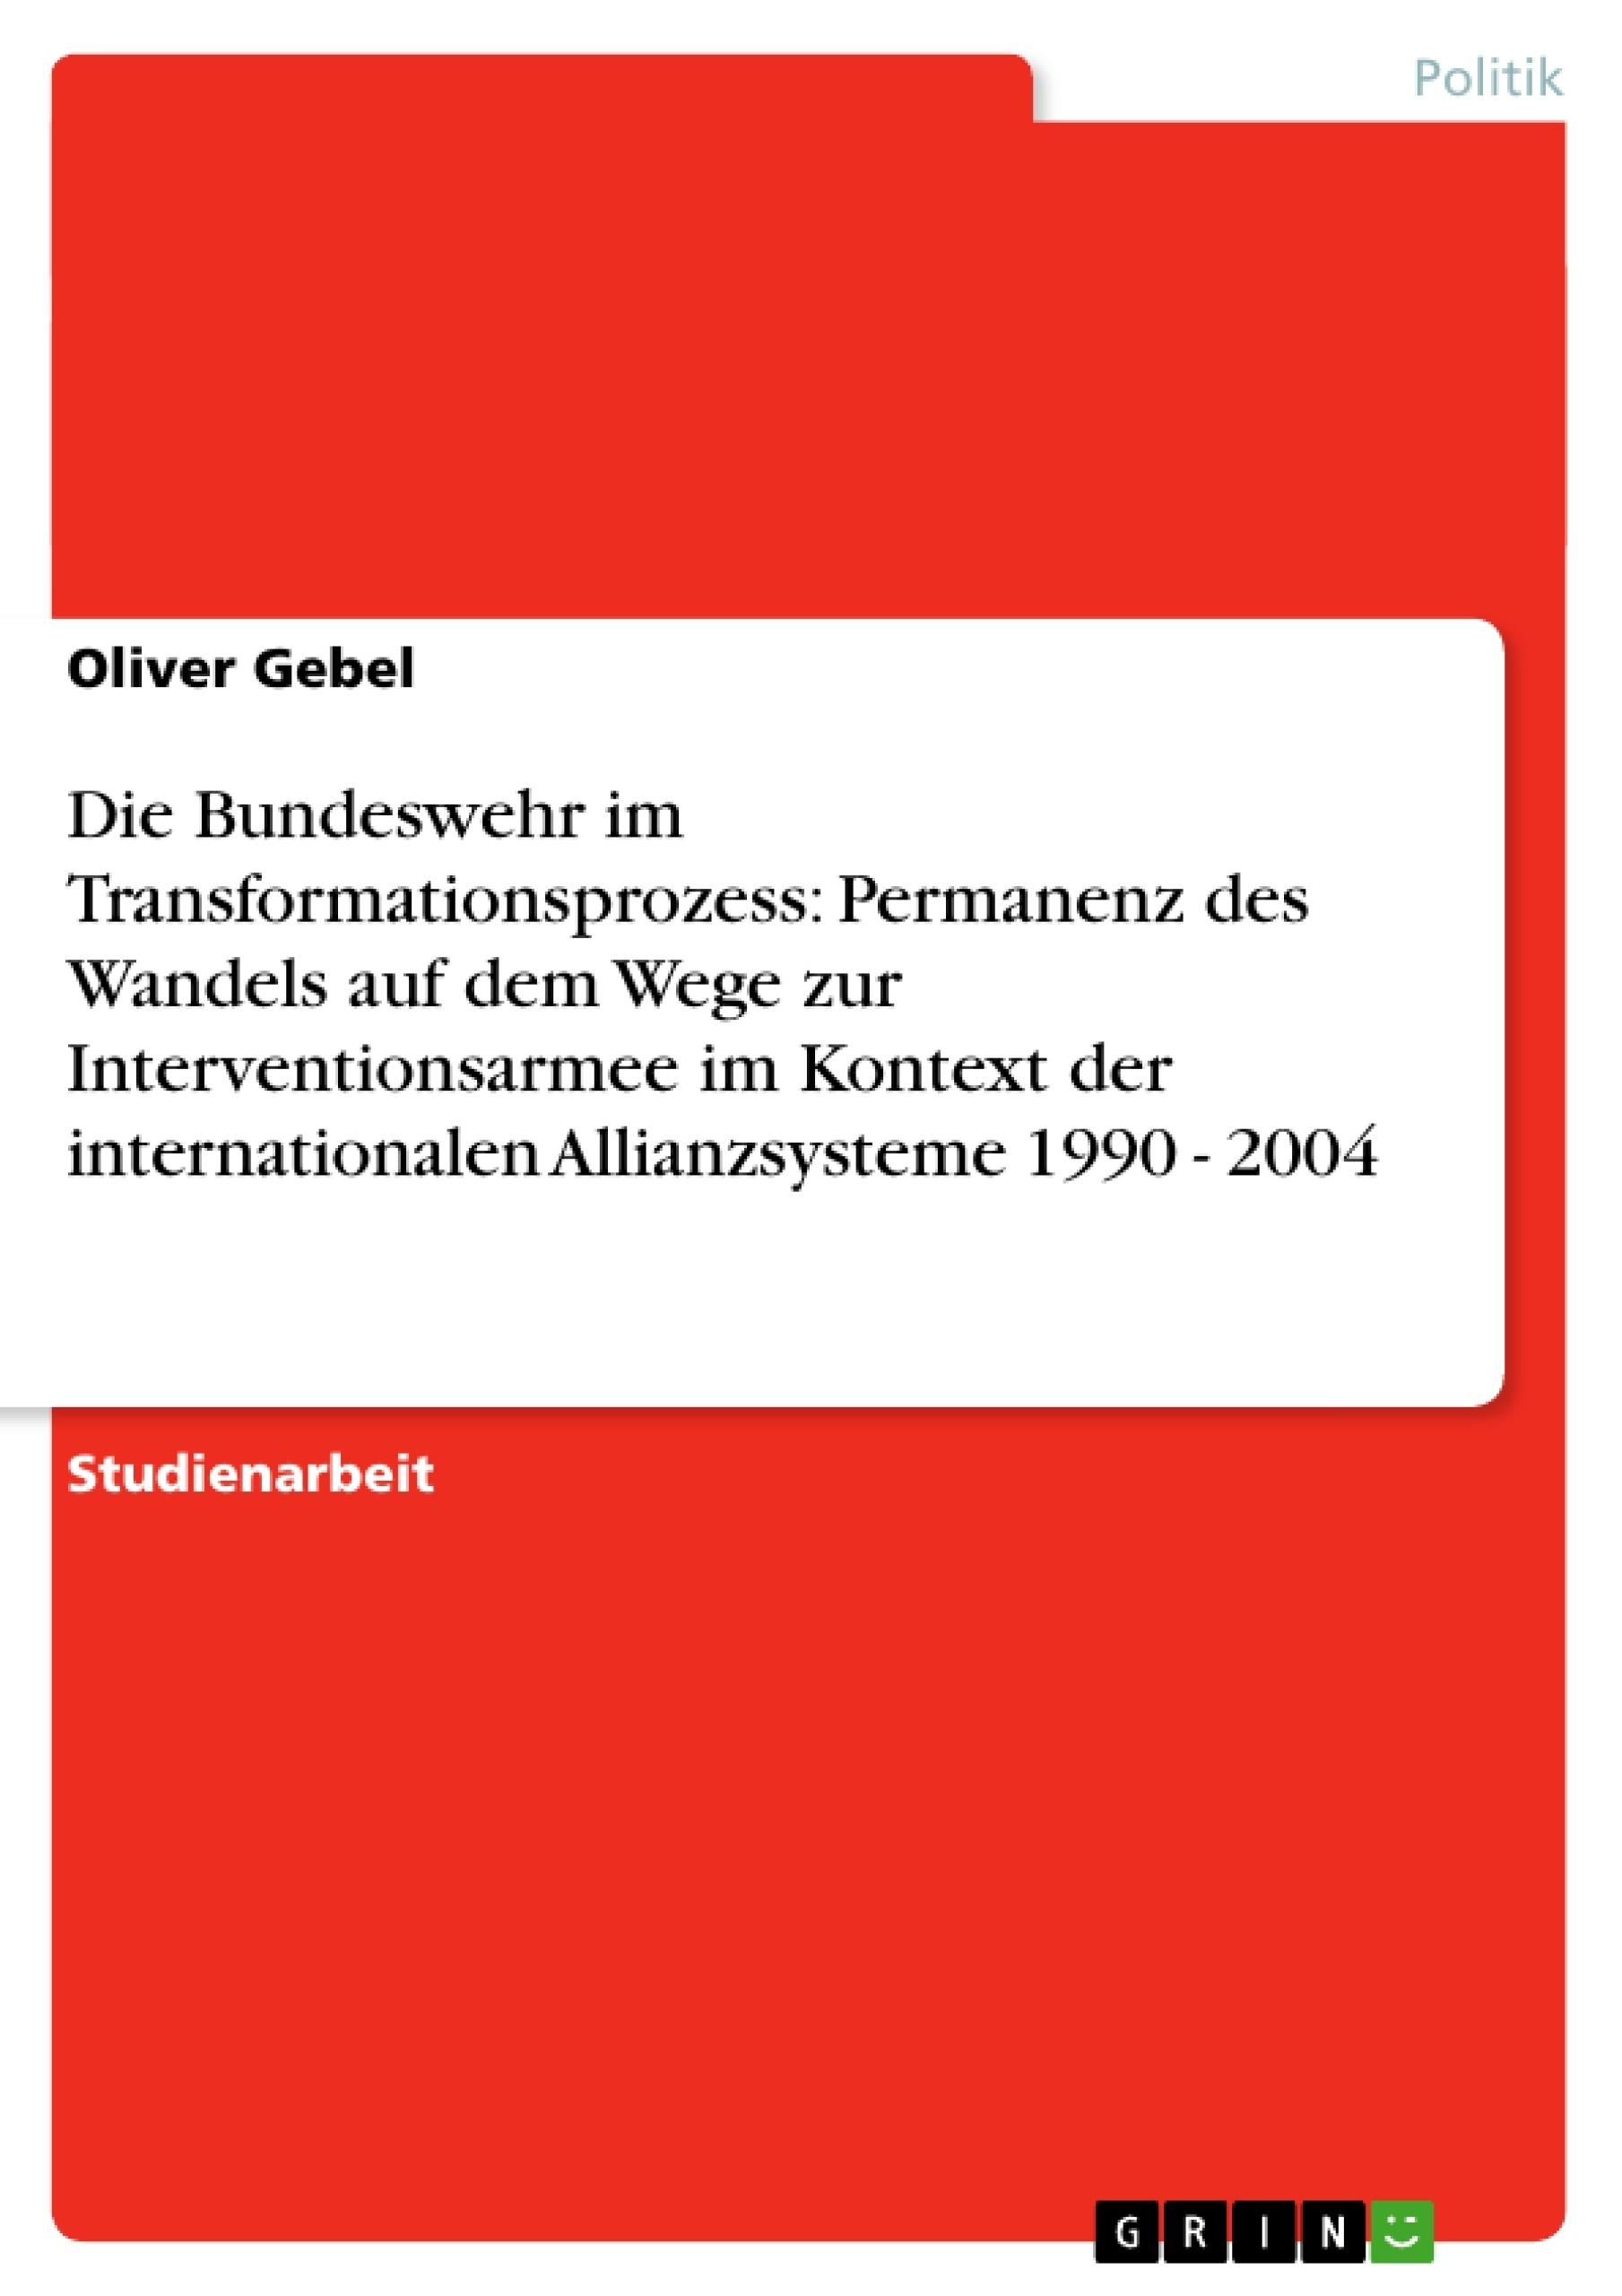 Titel: Die Bundeswehr im Transformationsprozess: Permanenz des Wandels auf dem Wege zur Interventionsarmee im Kontext der internationalen Allianzsysteme 1990 - 2004